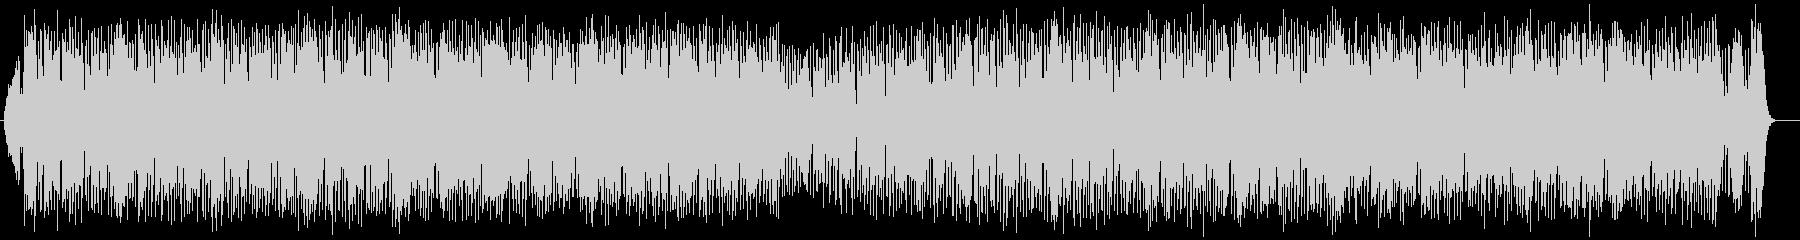 アップテンポのテクノ系ポップスの未再生の波形